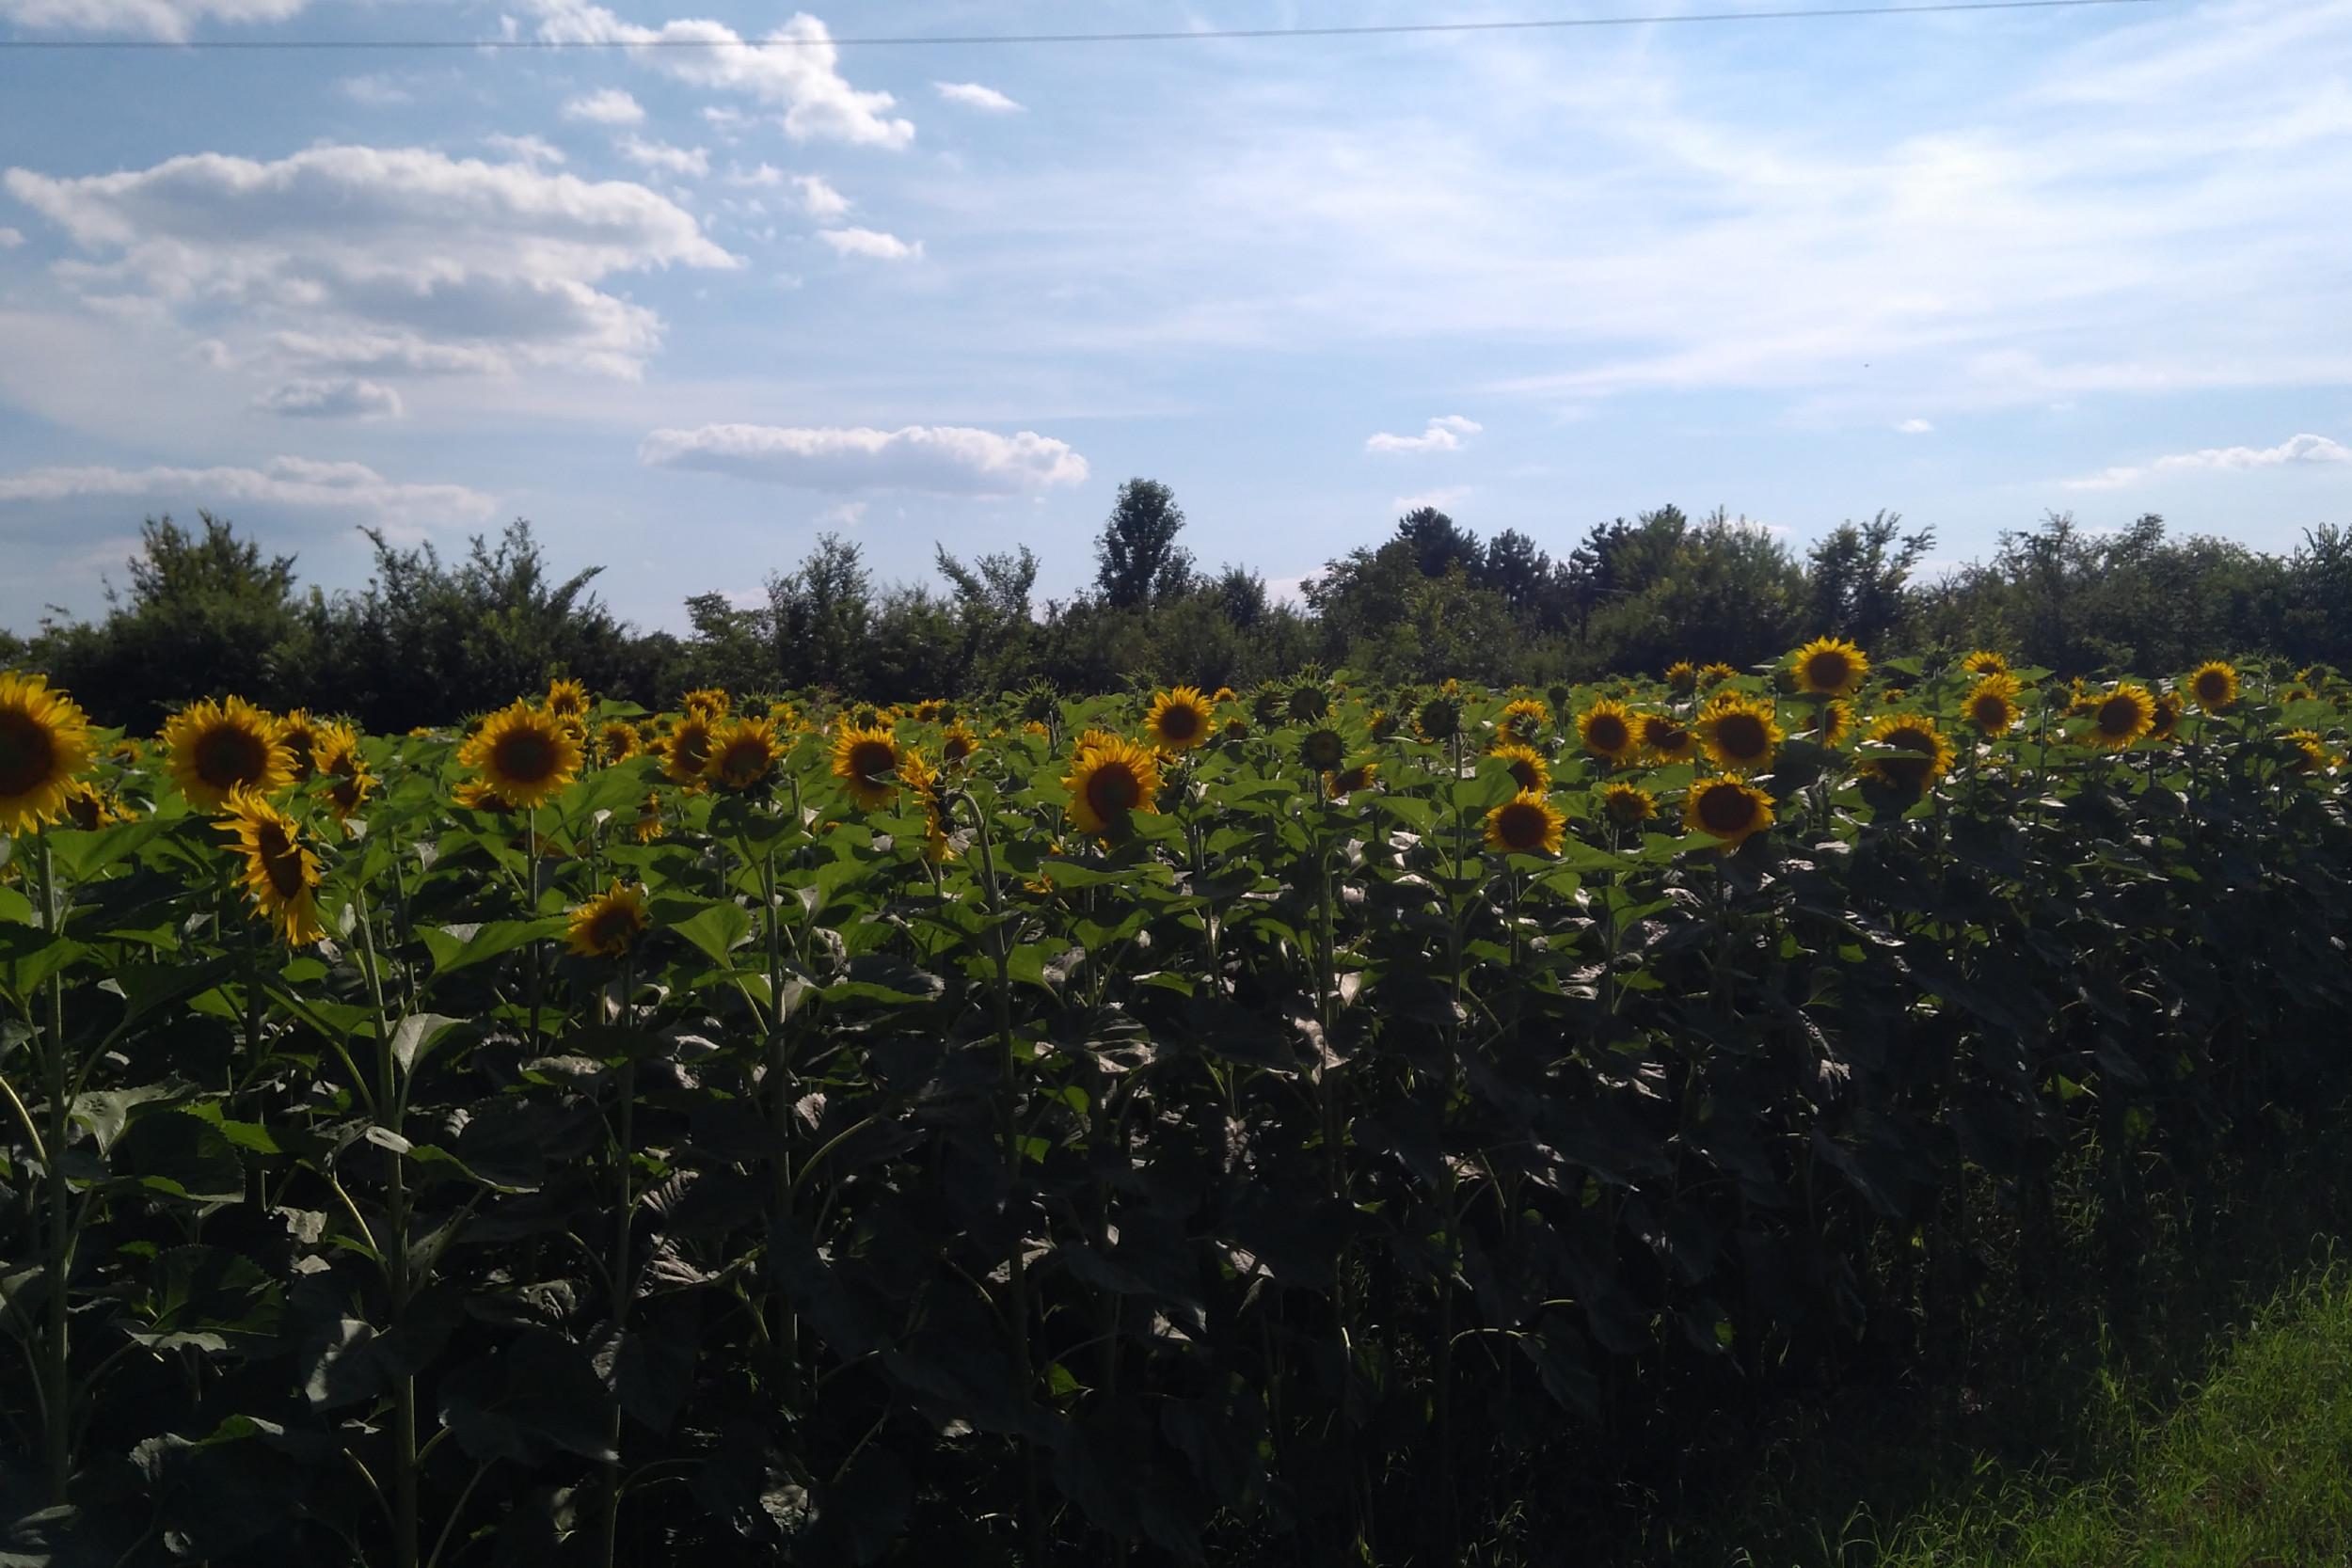 Типичан пејзаж војвођанске равнице: поља сунцокрета, околина Сомбора (Фото: Радомир Јовановић/Нови Стандард)